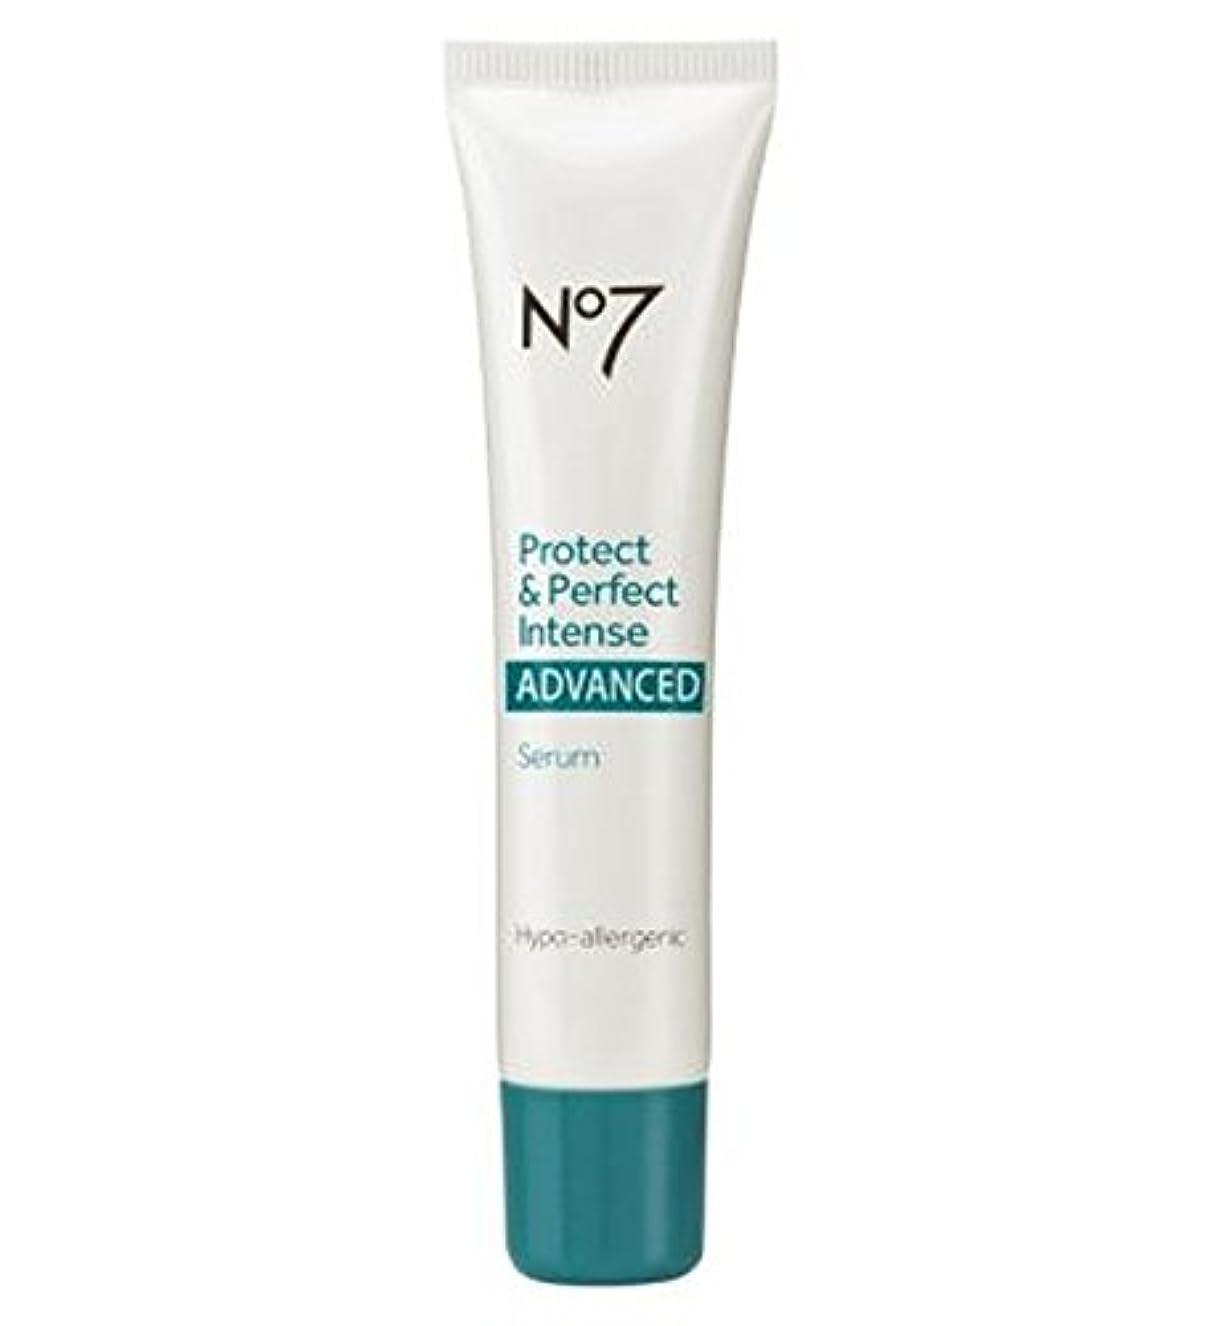 影響する公絶望No7 Protect & Perfect Intense ADVANCED Serum 30ml - No7保護&完璧な強烈な高度な血清30ミリリットル (No7) [並行輸入品]